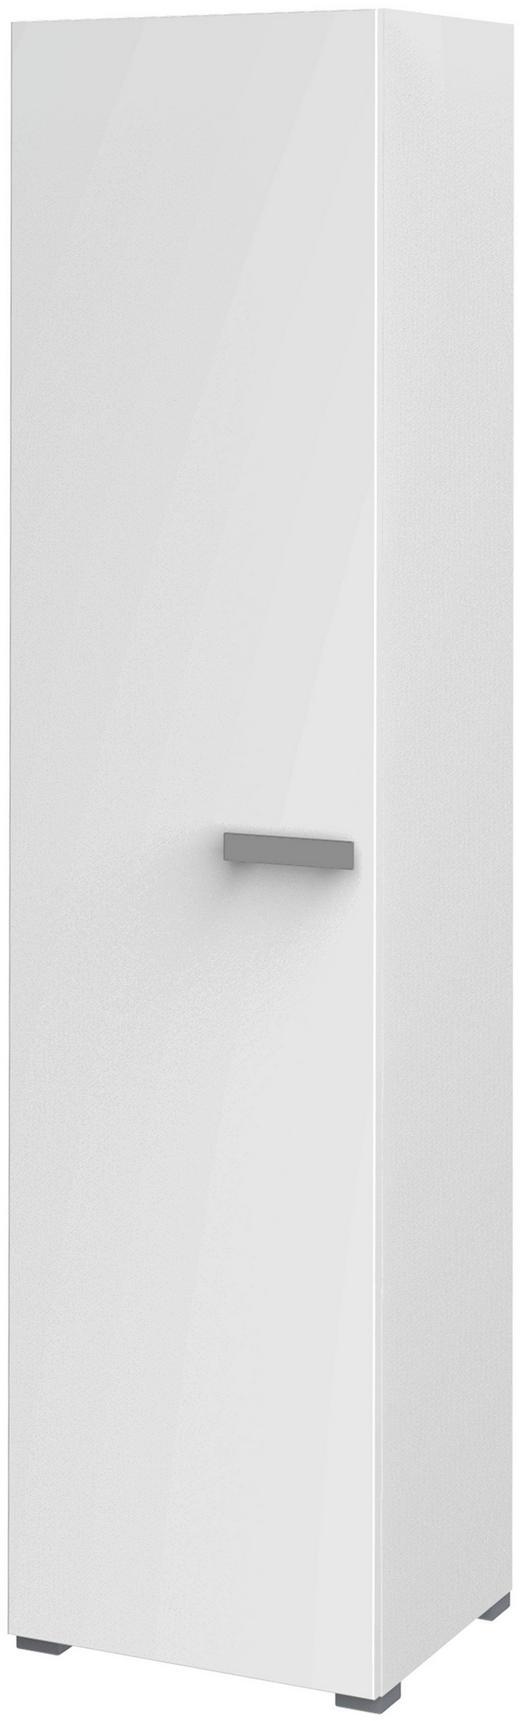 SCHRANK 1-türig Weiß - Silberfarben/Weiß, Design, Holzwerkstoff/Metall (50/216,4/44,3cm) - Xora